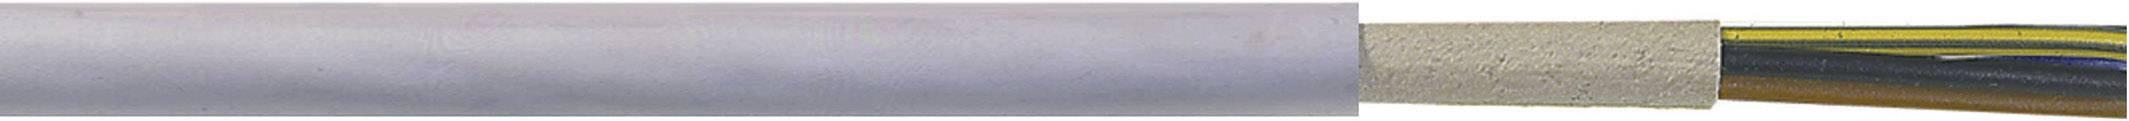 Instalační kabel LappKabel NYM-J 5G2,5 (16000063), 5 x 2,5 mm², 11,5 mm, šedá, 50 m